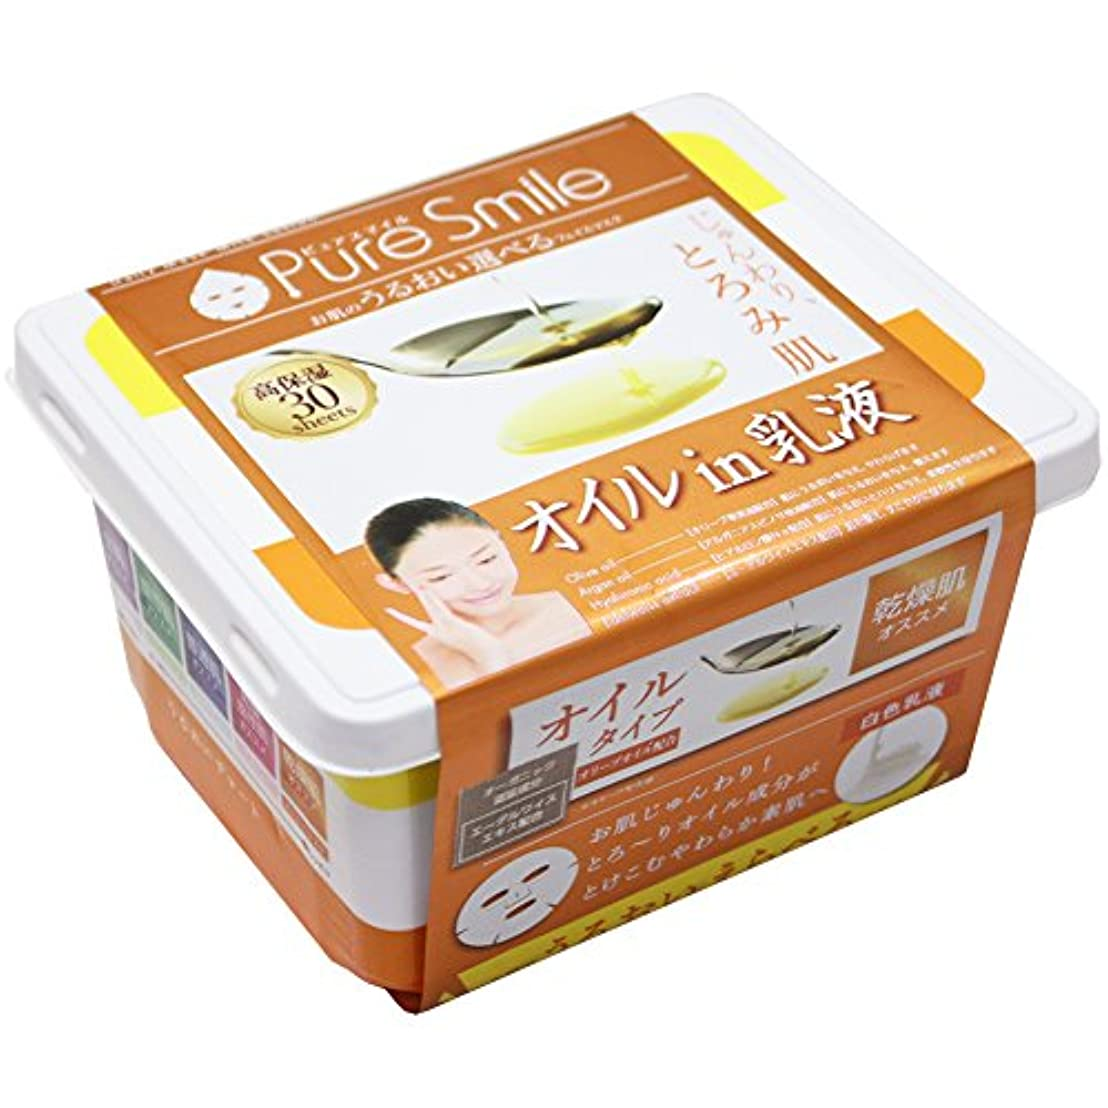 分四回忠実にPureSmile(ピュアスマイル) フェイスパック エッセンスマスク 30枚セット オイルin乳液?3S05